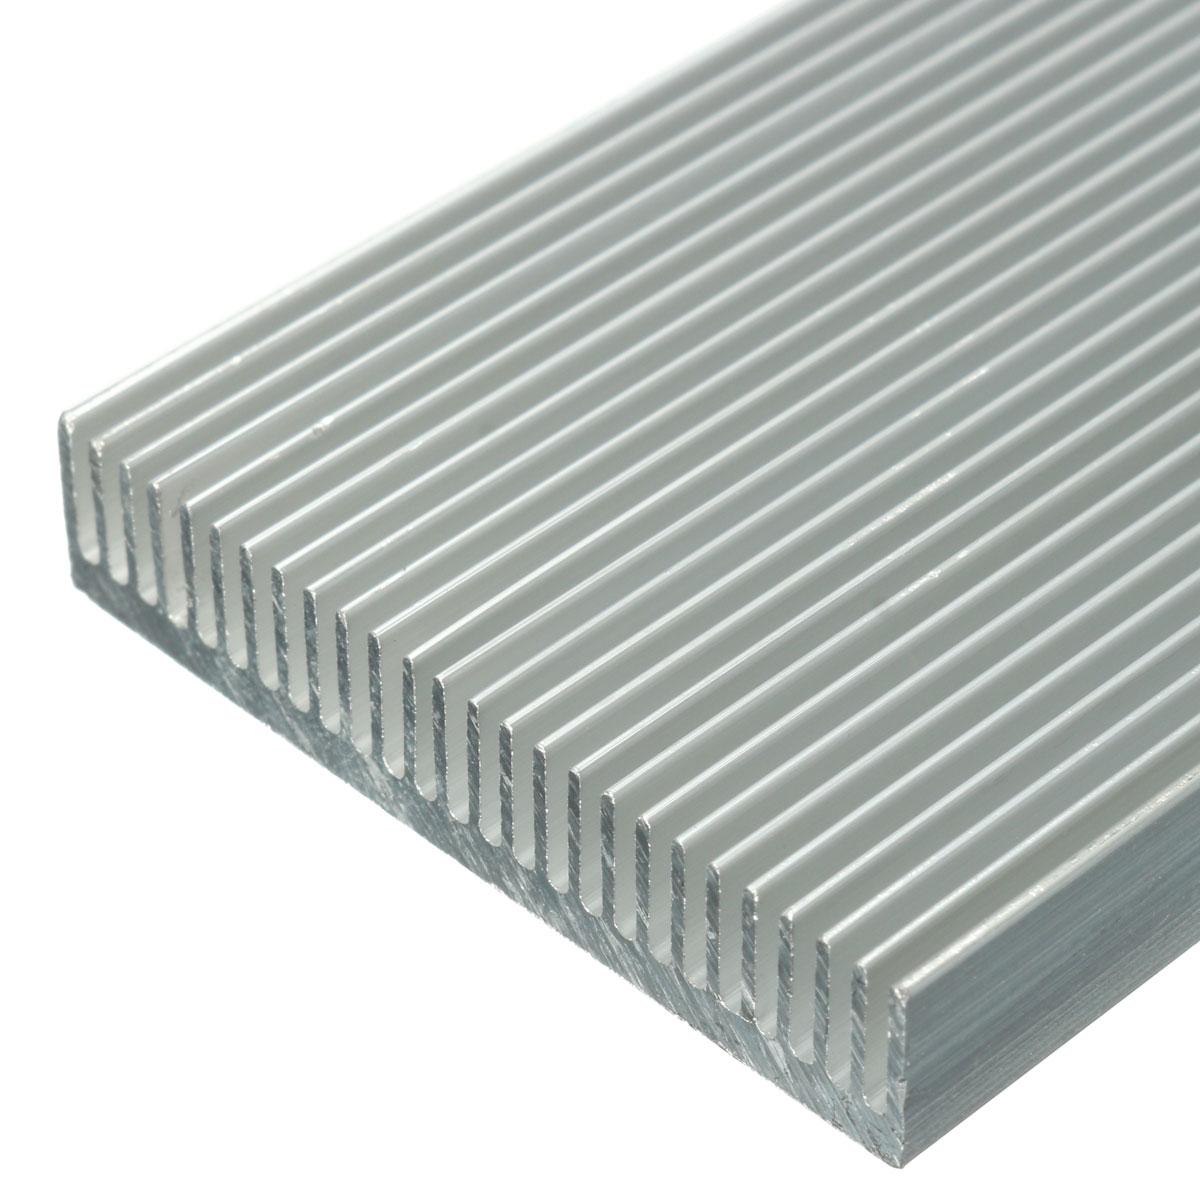 5pcs 100x41x8mm алюминиевый радиатор радиатора радиатора для высокой мощности LED Усилитель Охлаждение транзистора - фото 3